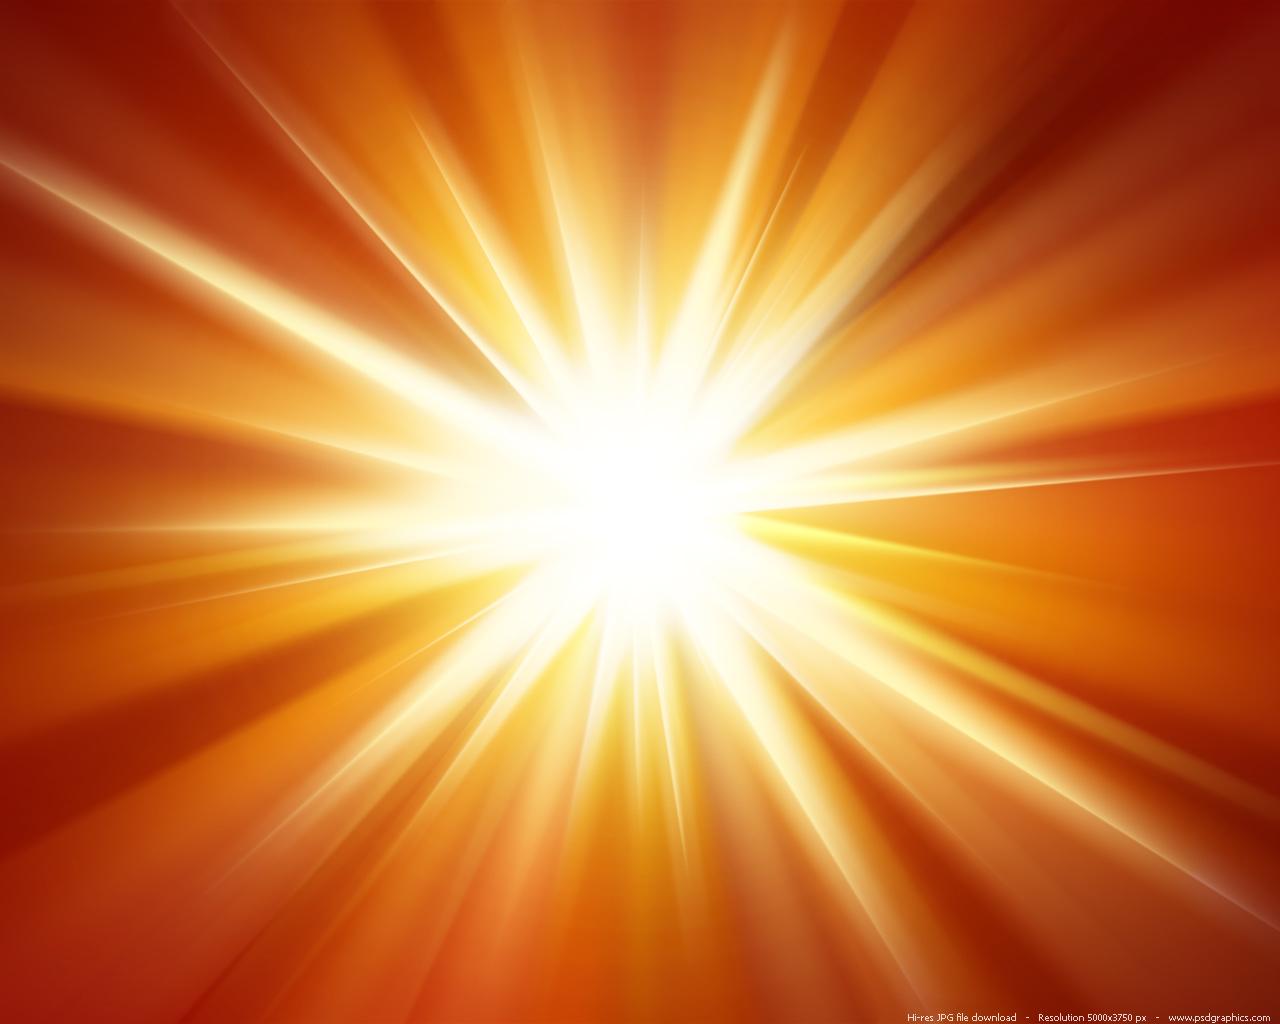 Orange light burst background PSDGraphics 1280x1024